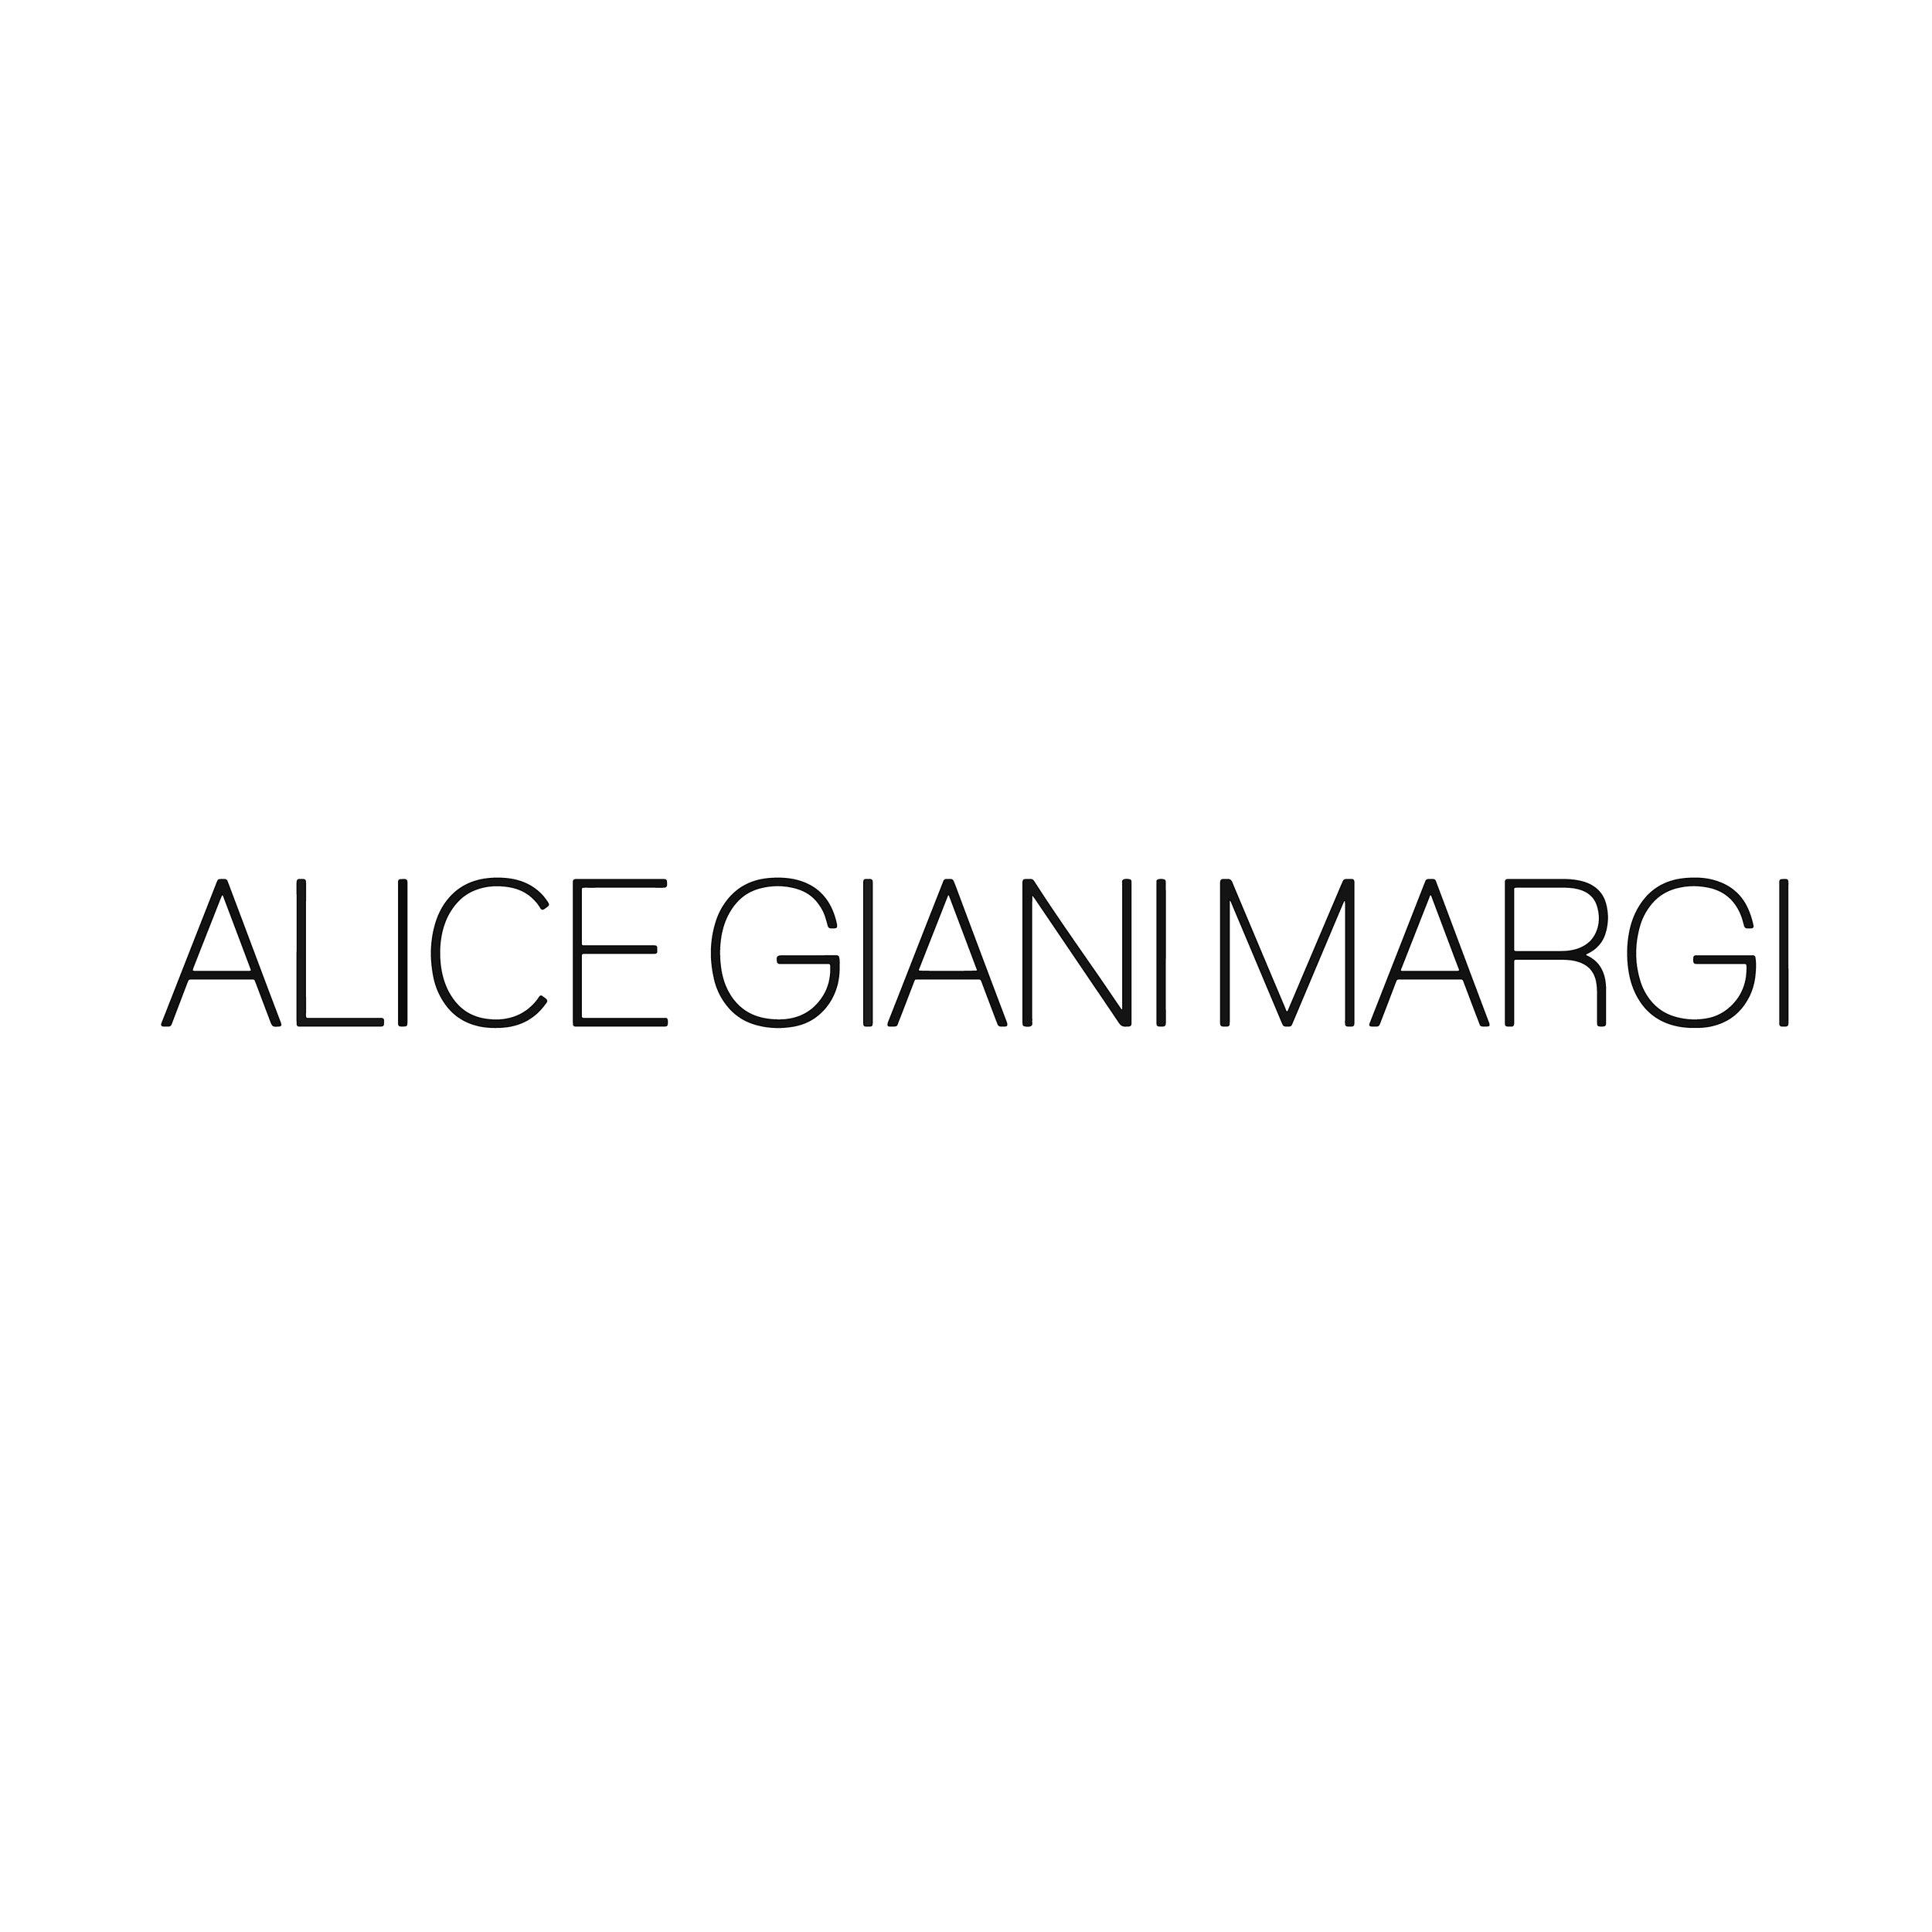 alice-01.jpg